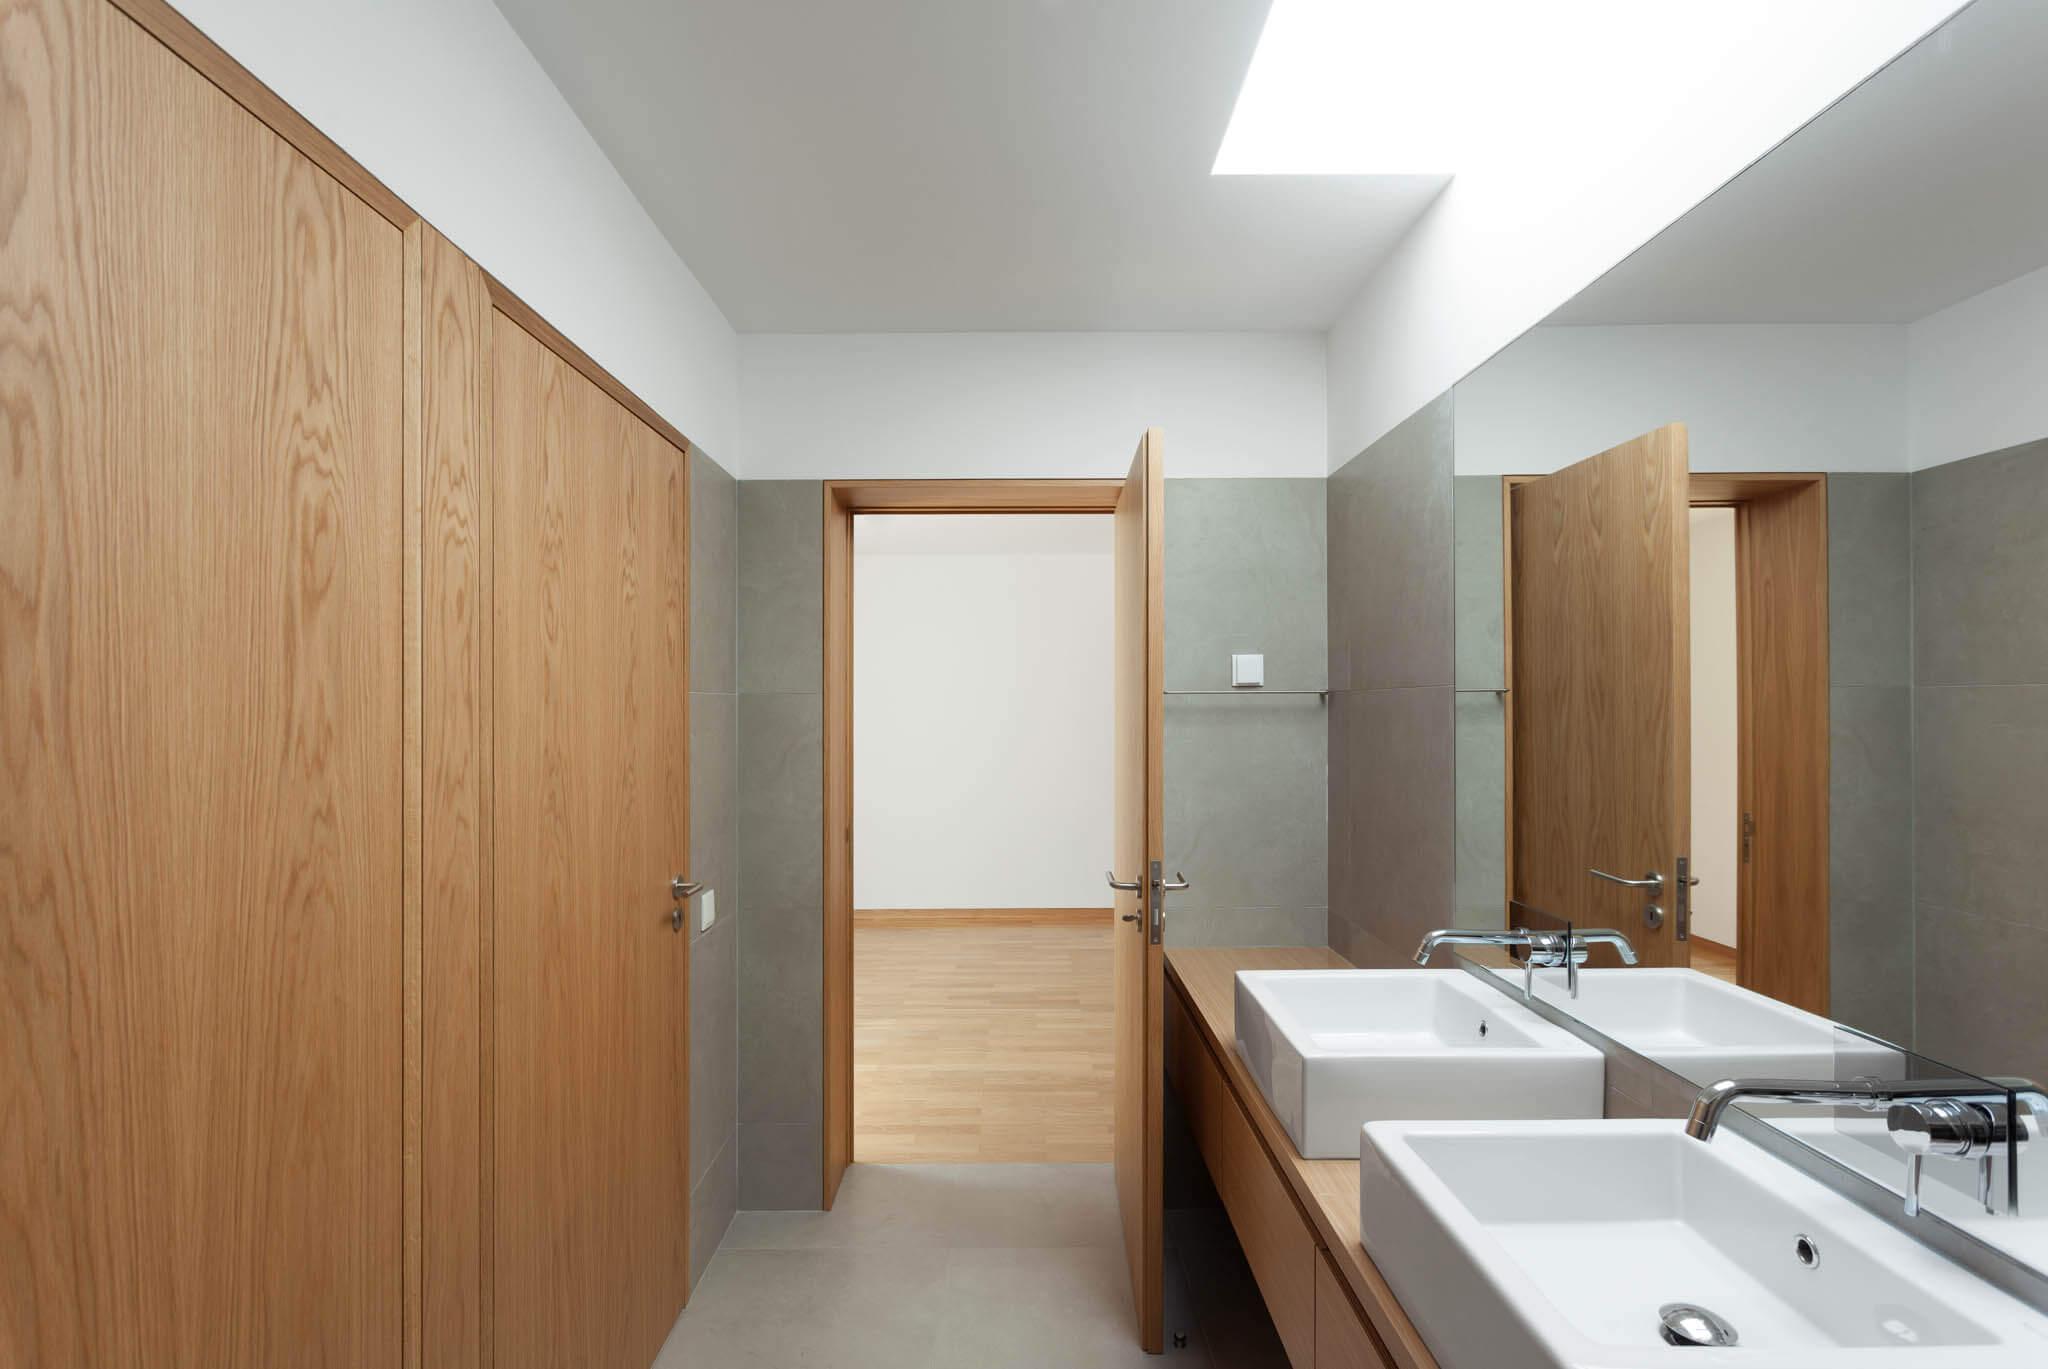 Casa Agueda Atelier De Arquitectura Numa 96 do fotografo Ivo Tavares Studio